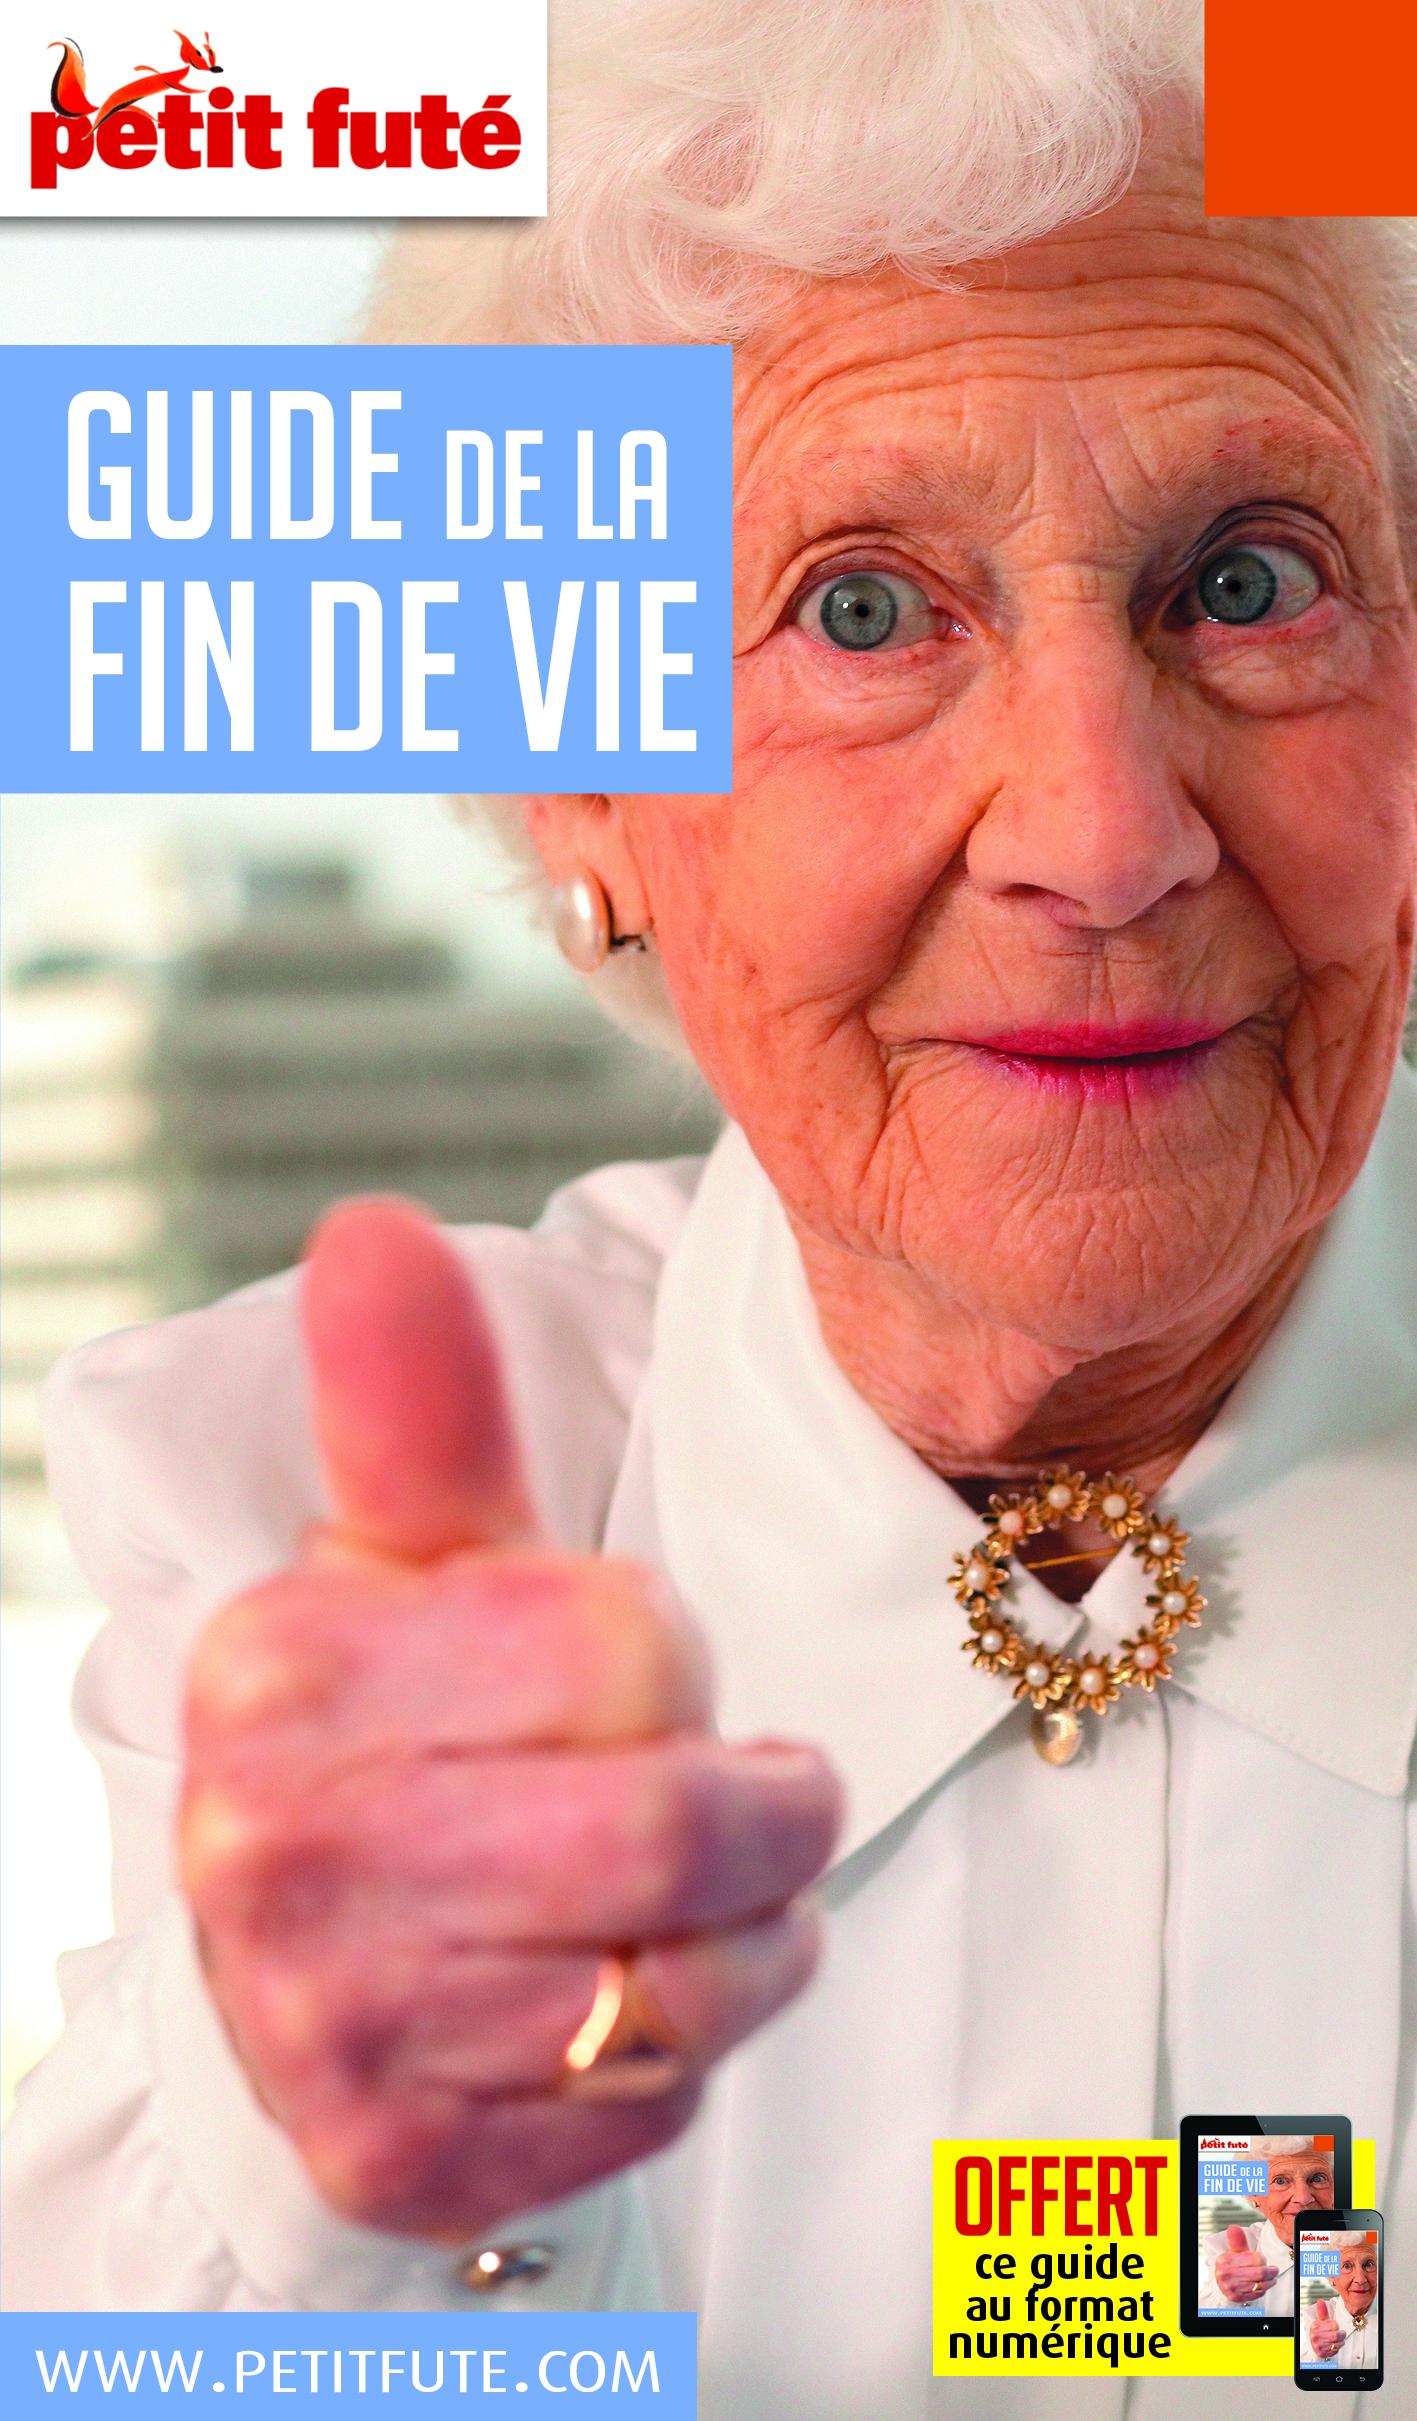 GUIDE DE LA FIN DE VIE 2018 PETIT FUTE + OFFRE NUM